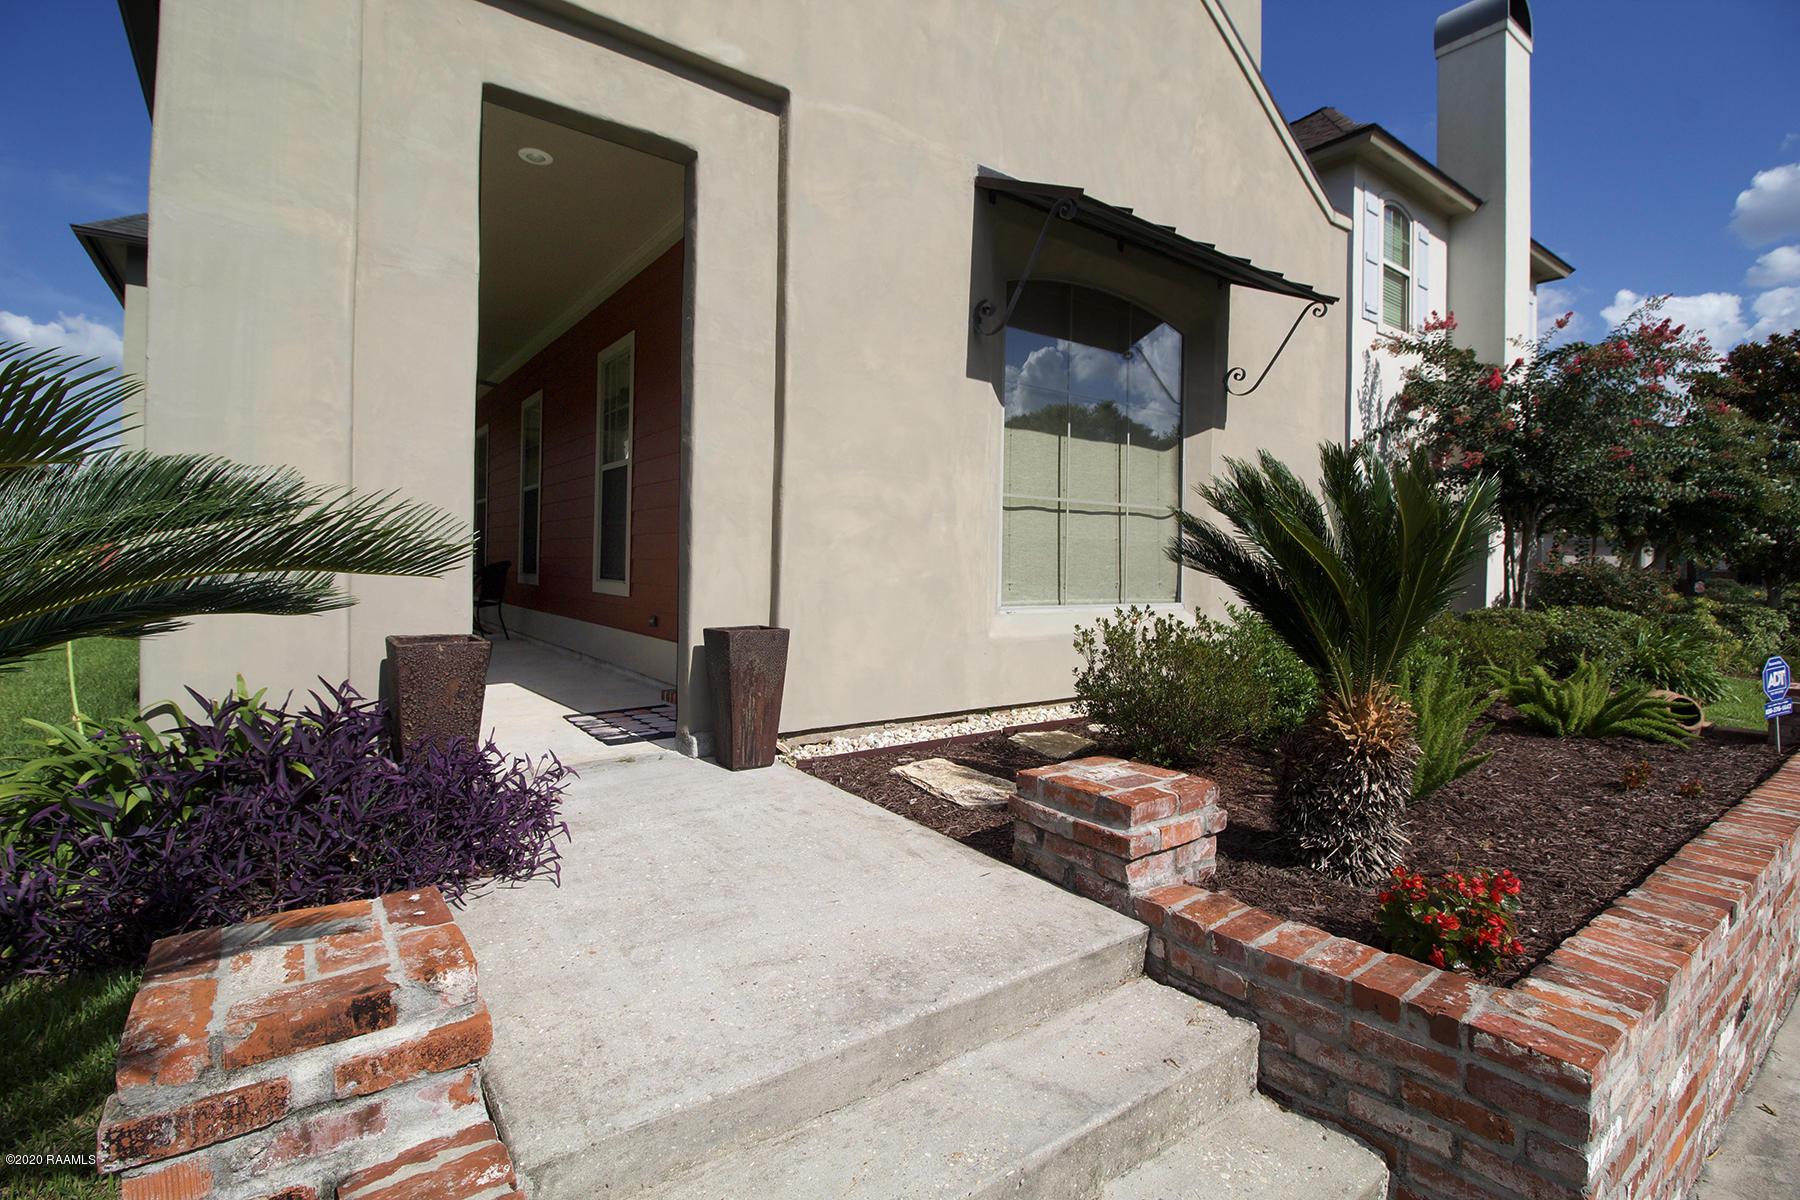 209 Bayonne Drive, Lafayette, LA 70507 Photo #7